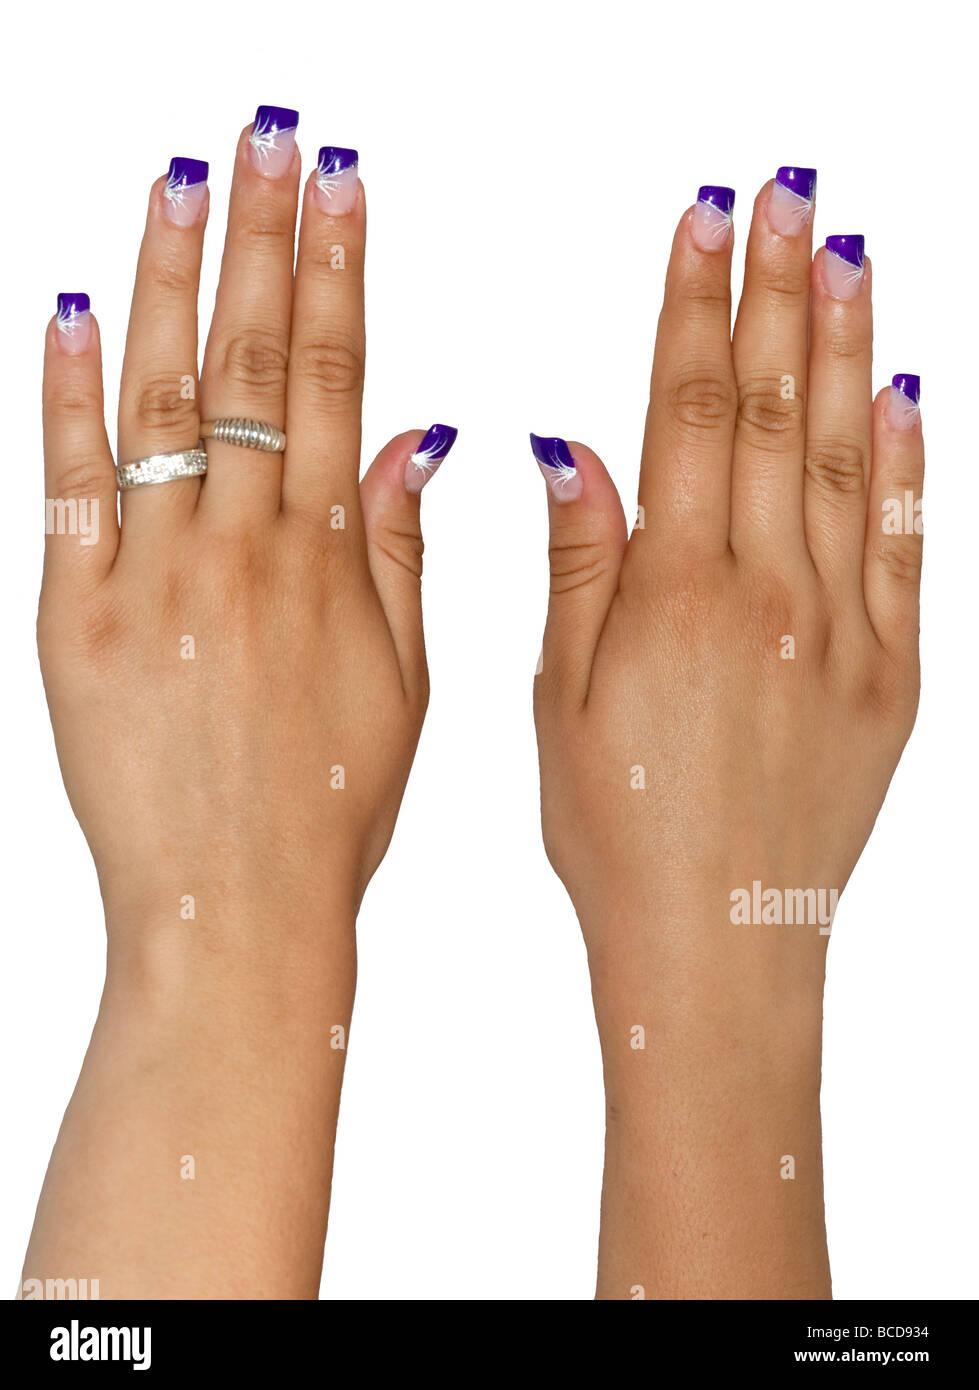 Viola le unghie acriliche sulle mani di una ragazza adolescente Immagini Stock